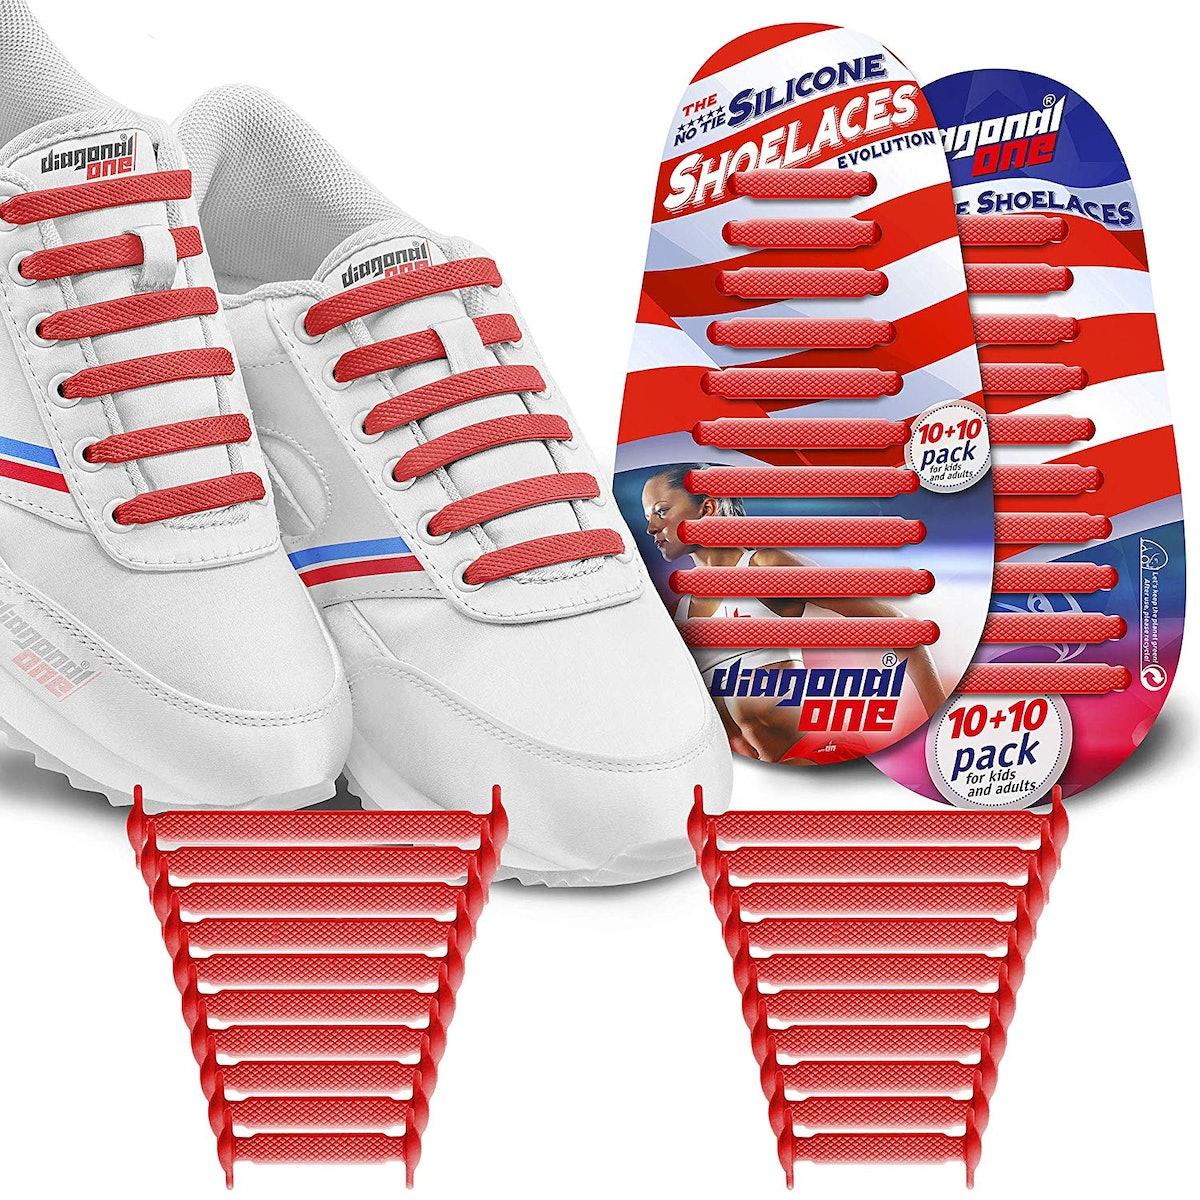 Diagonal One No-Tie Shoelaces